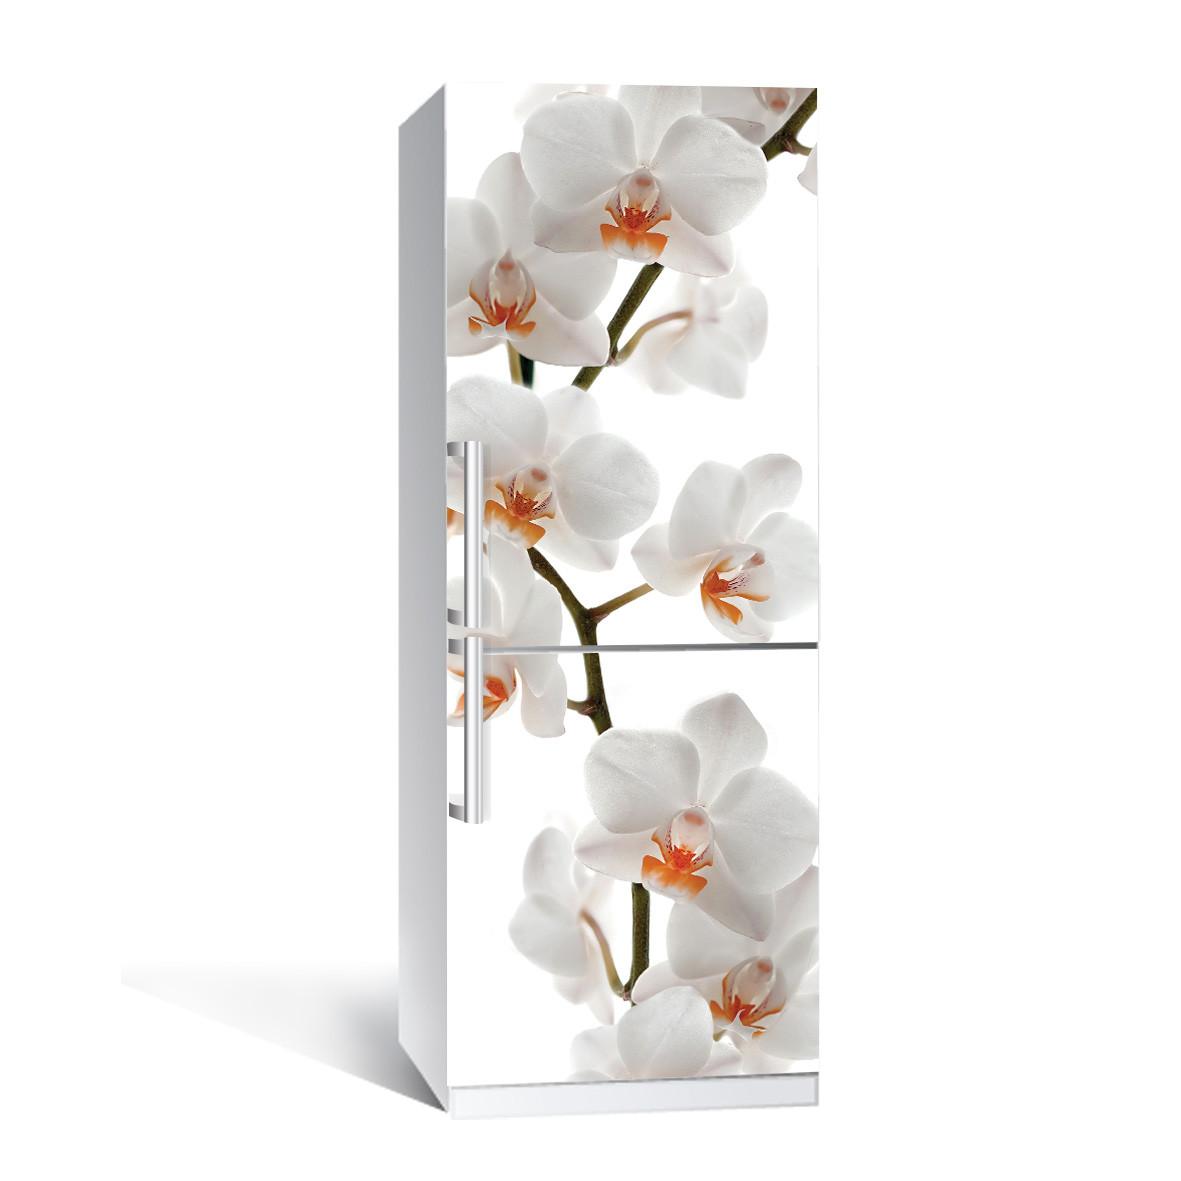 Вінілова наклейка на холодильник Орхідея 02 ламінована подвійна плівка фотодрук білі квіти